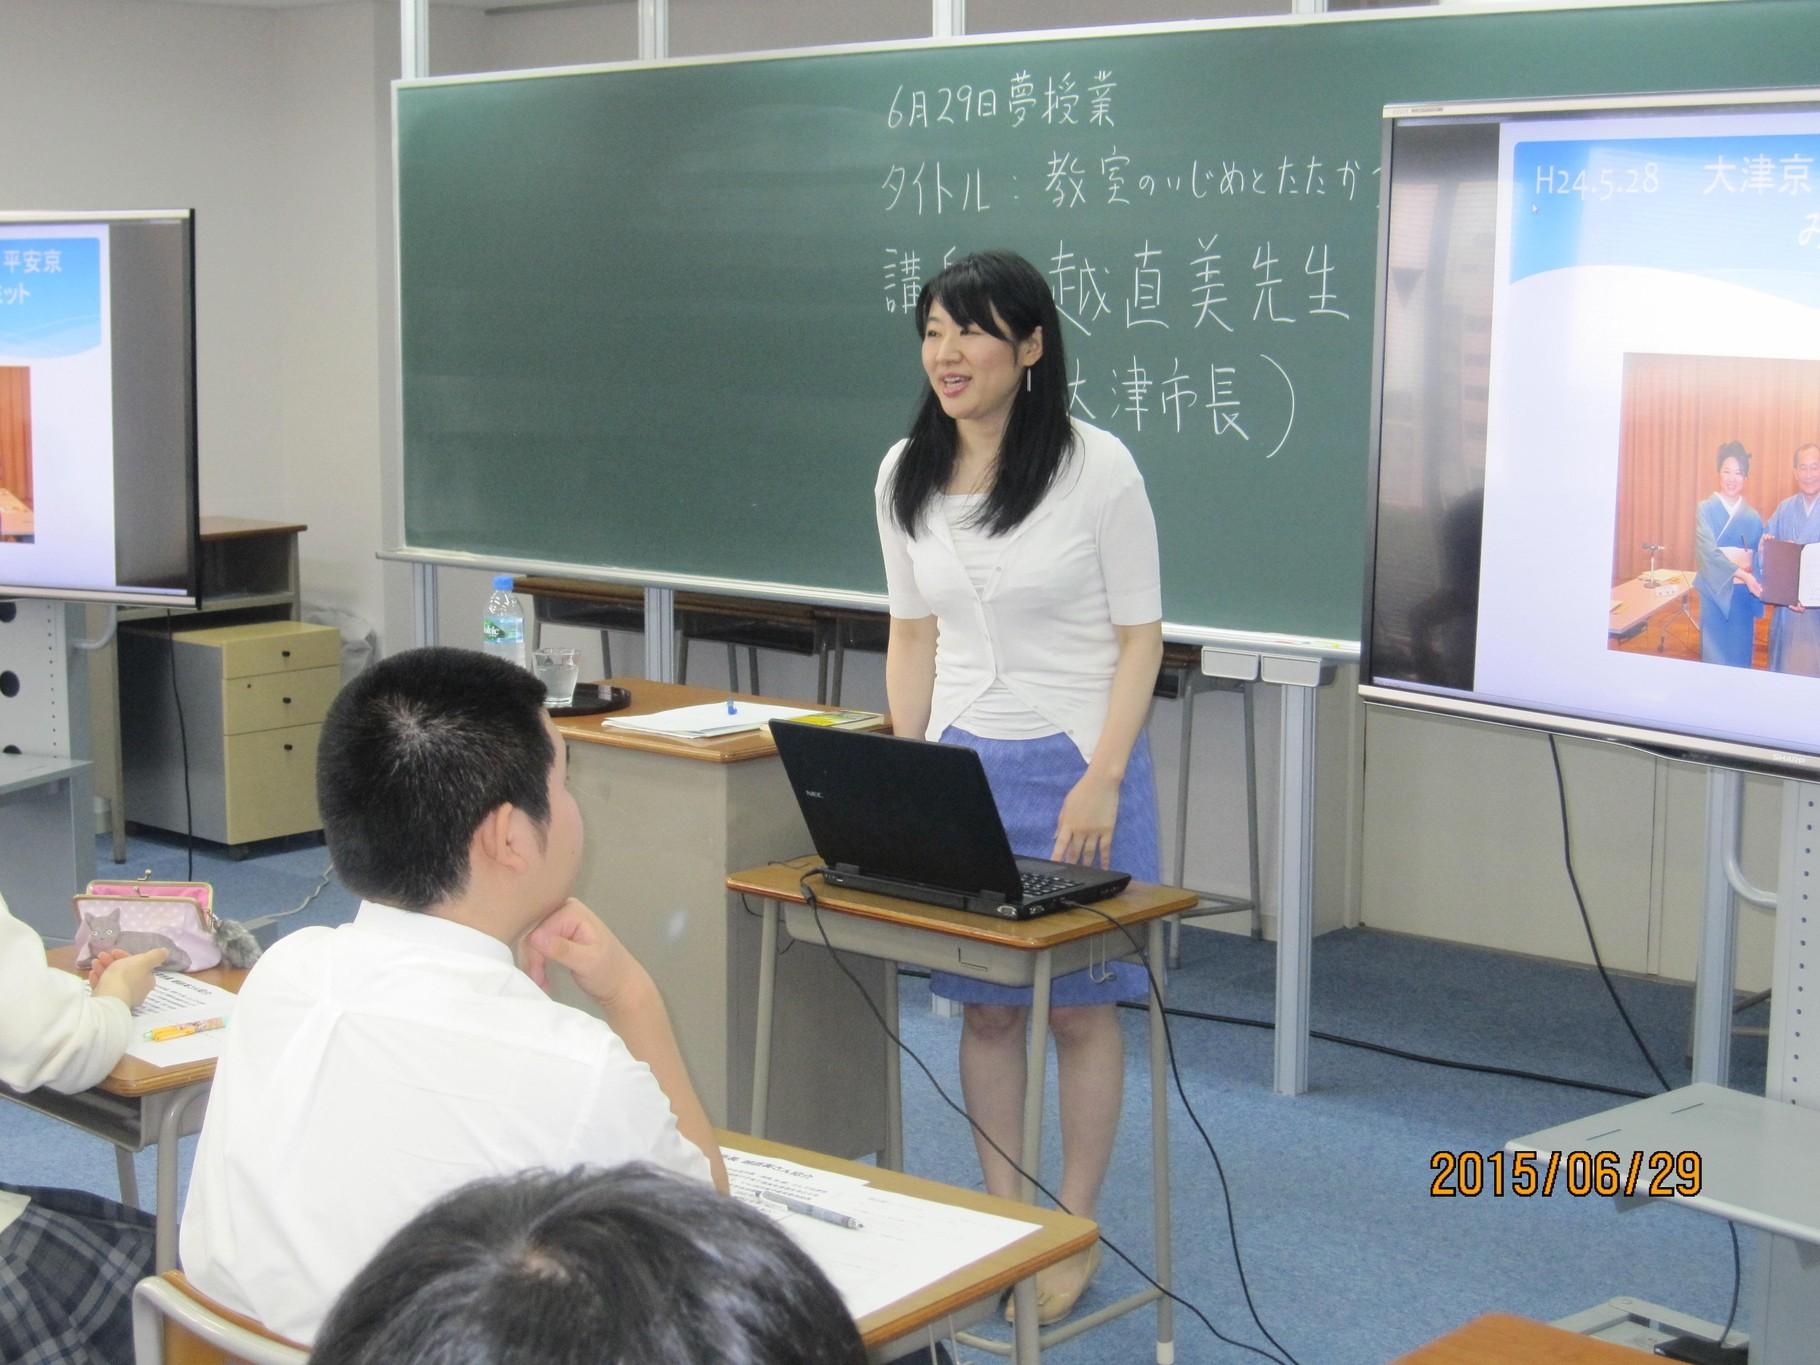 越直美さん(滋賀県大津市長)にお越しいただきました。(愛知県・高校生)計画・進捗事前打合せ・事前学習当日の様子事後学習所感・振り返り協力先名・URL実施校・参加者